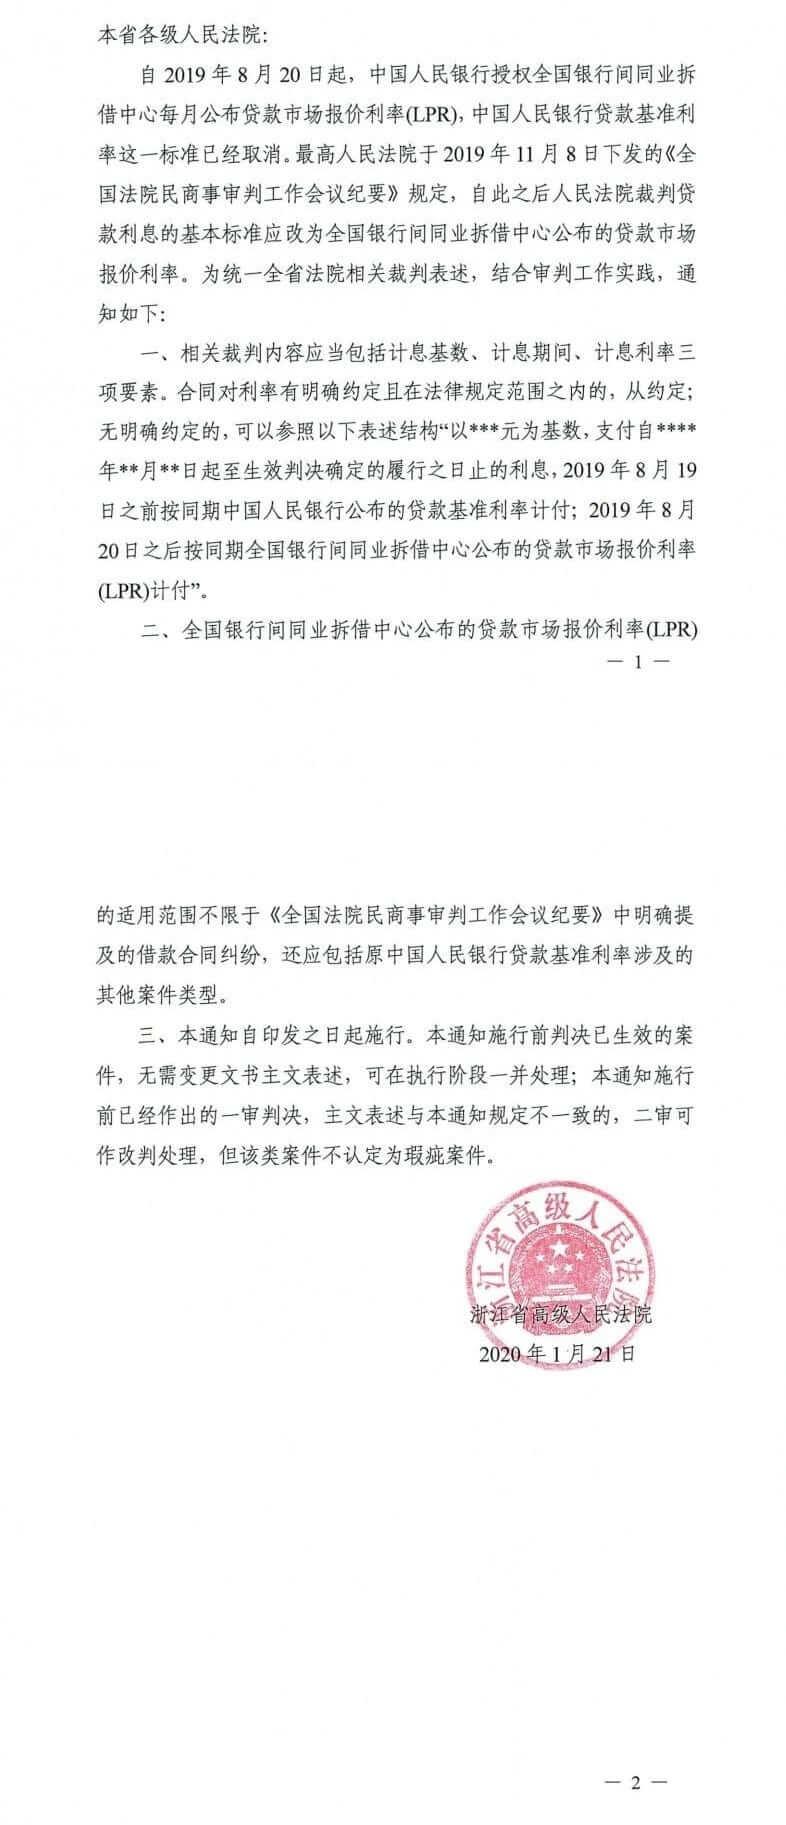 浙江高院关于在裁判中统一贷款利率计付标准的通知